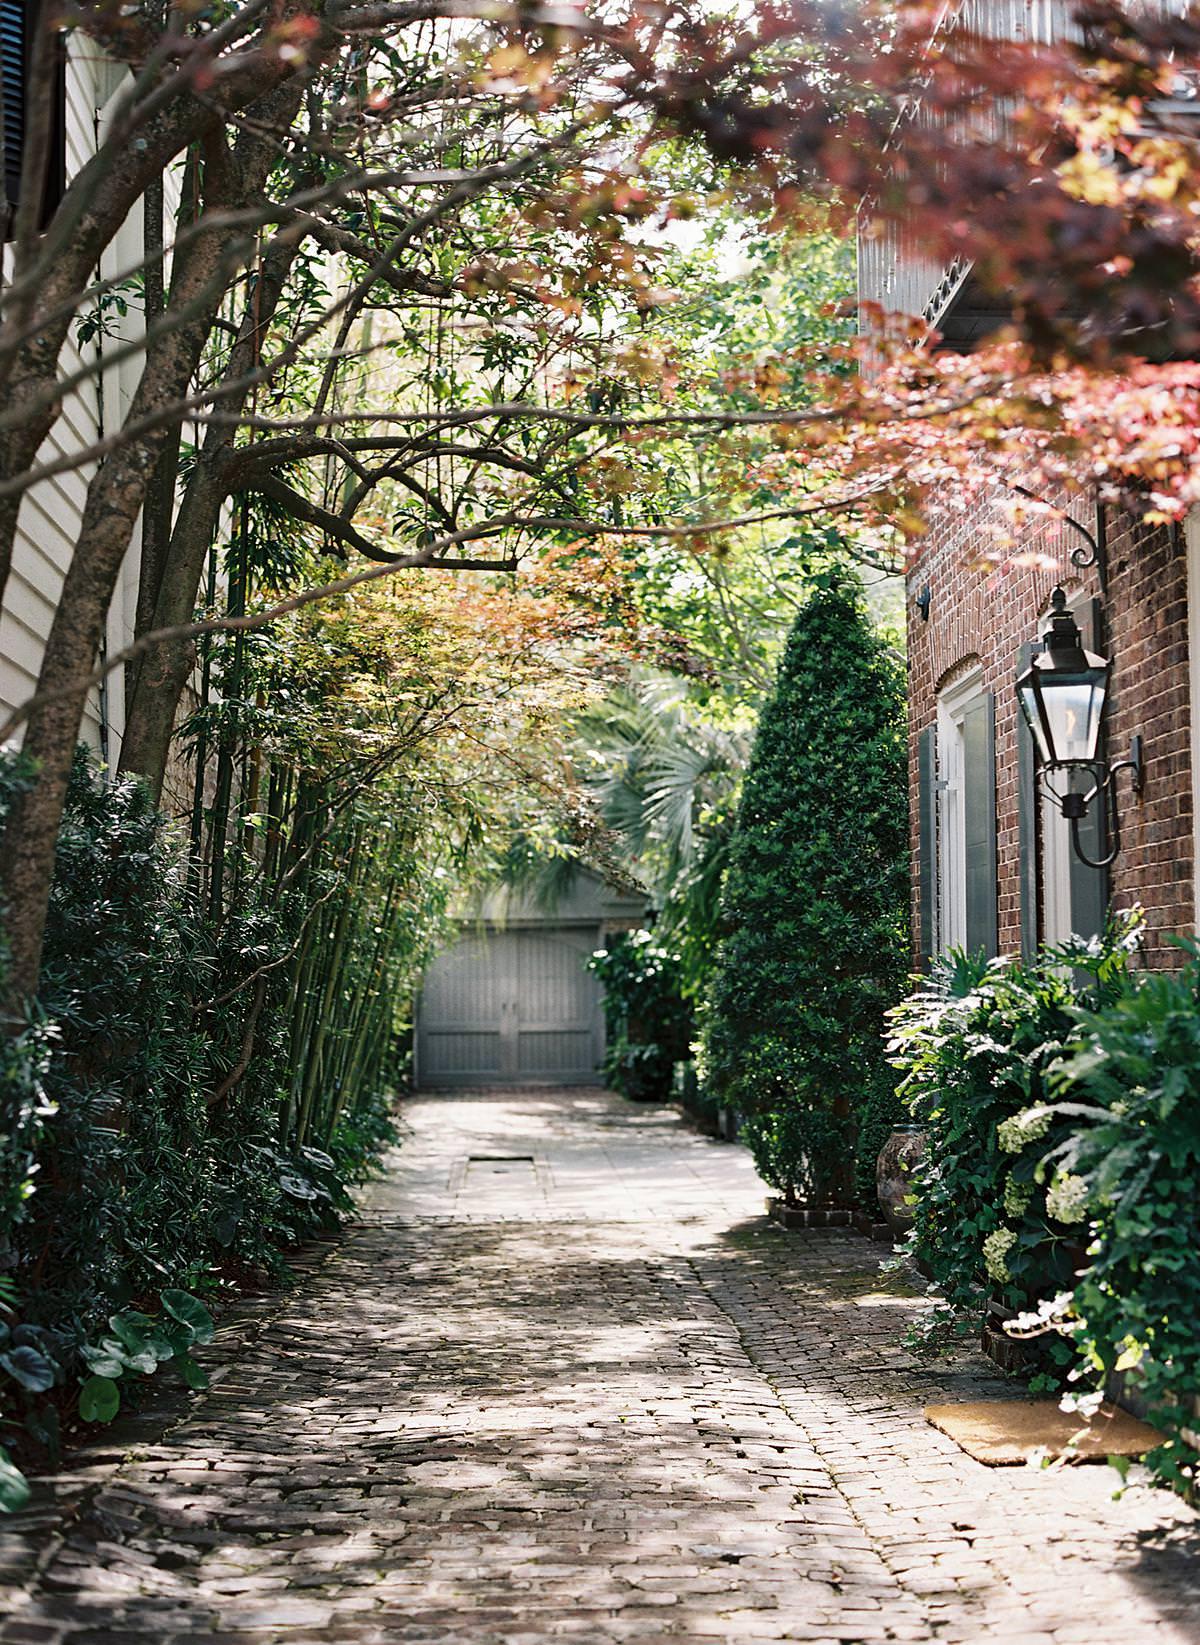 charleston alleyway